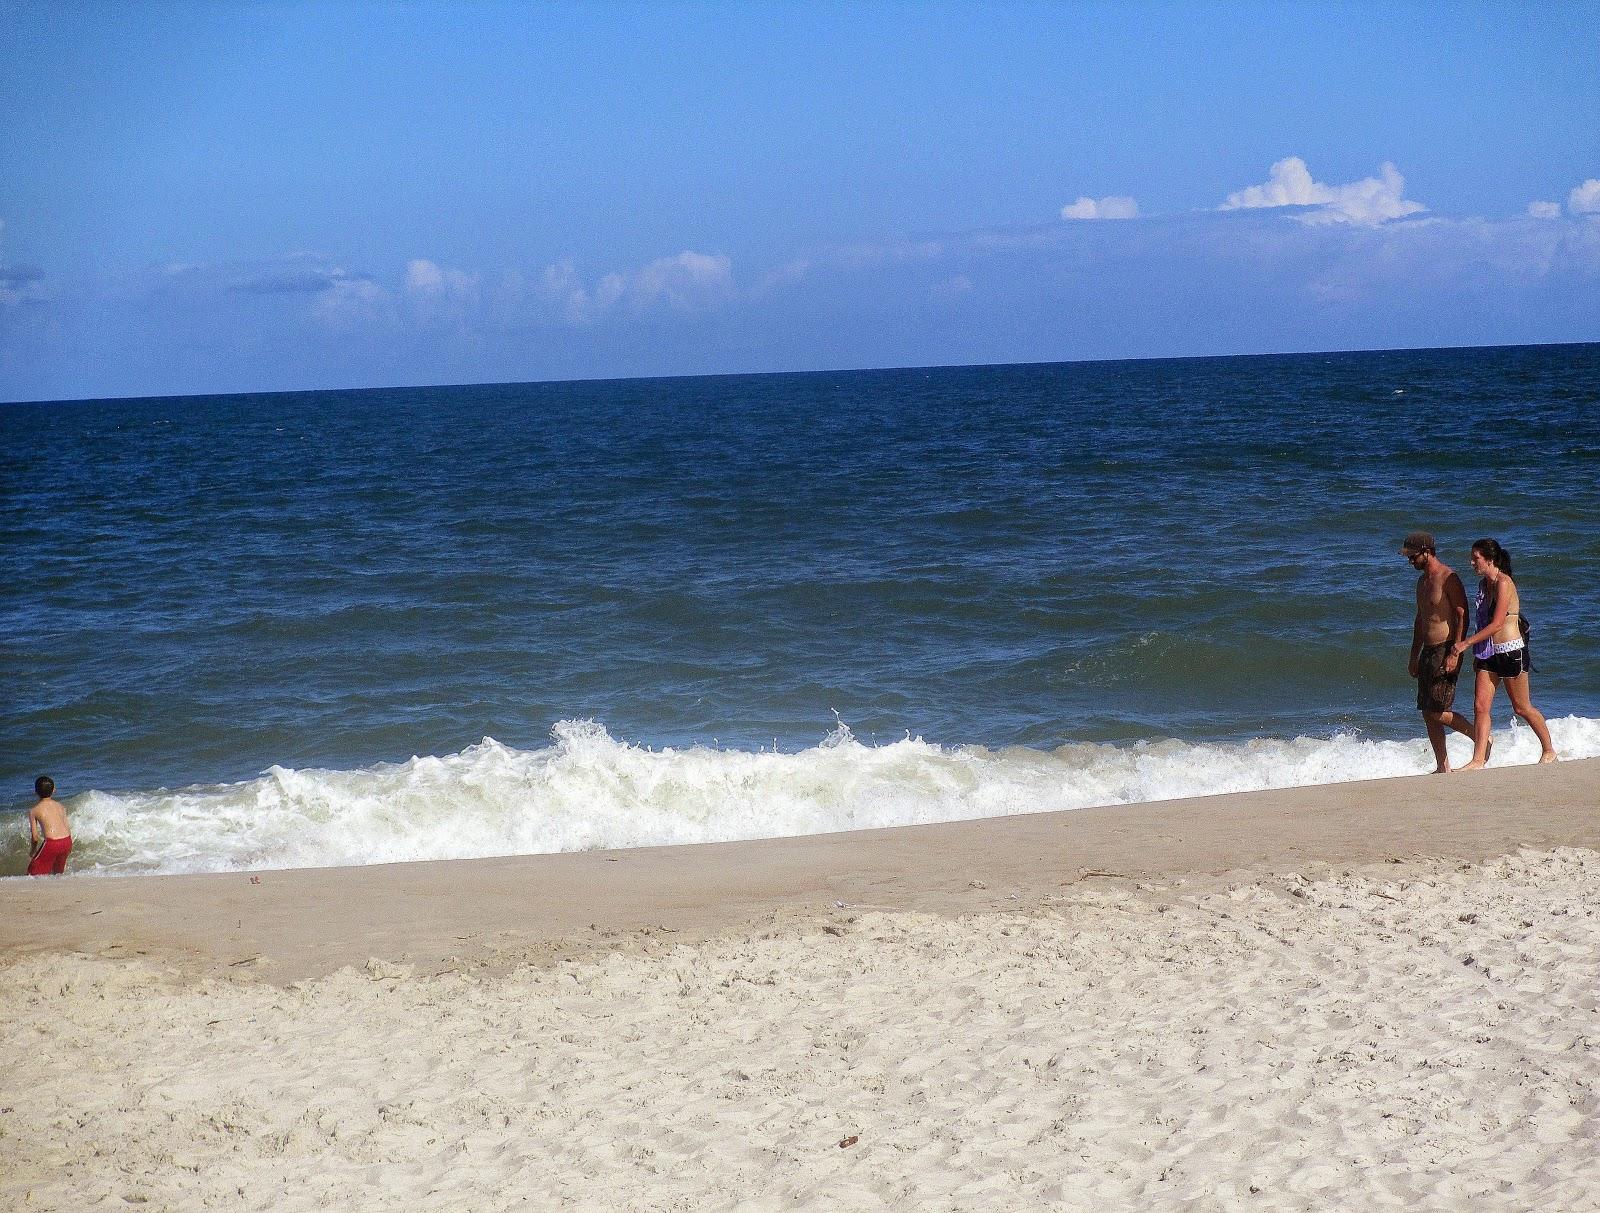 Carolina Beach North Carolina   Wikipedia the free encyclopedia